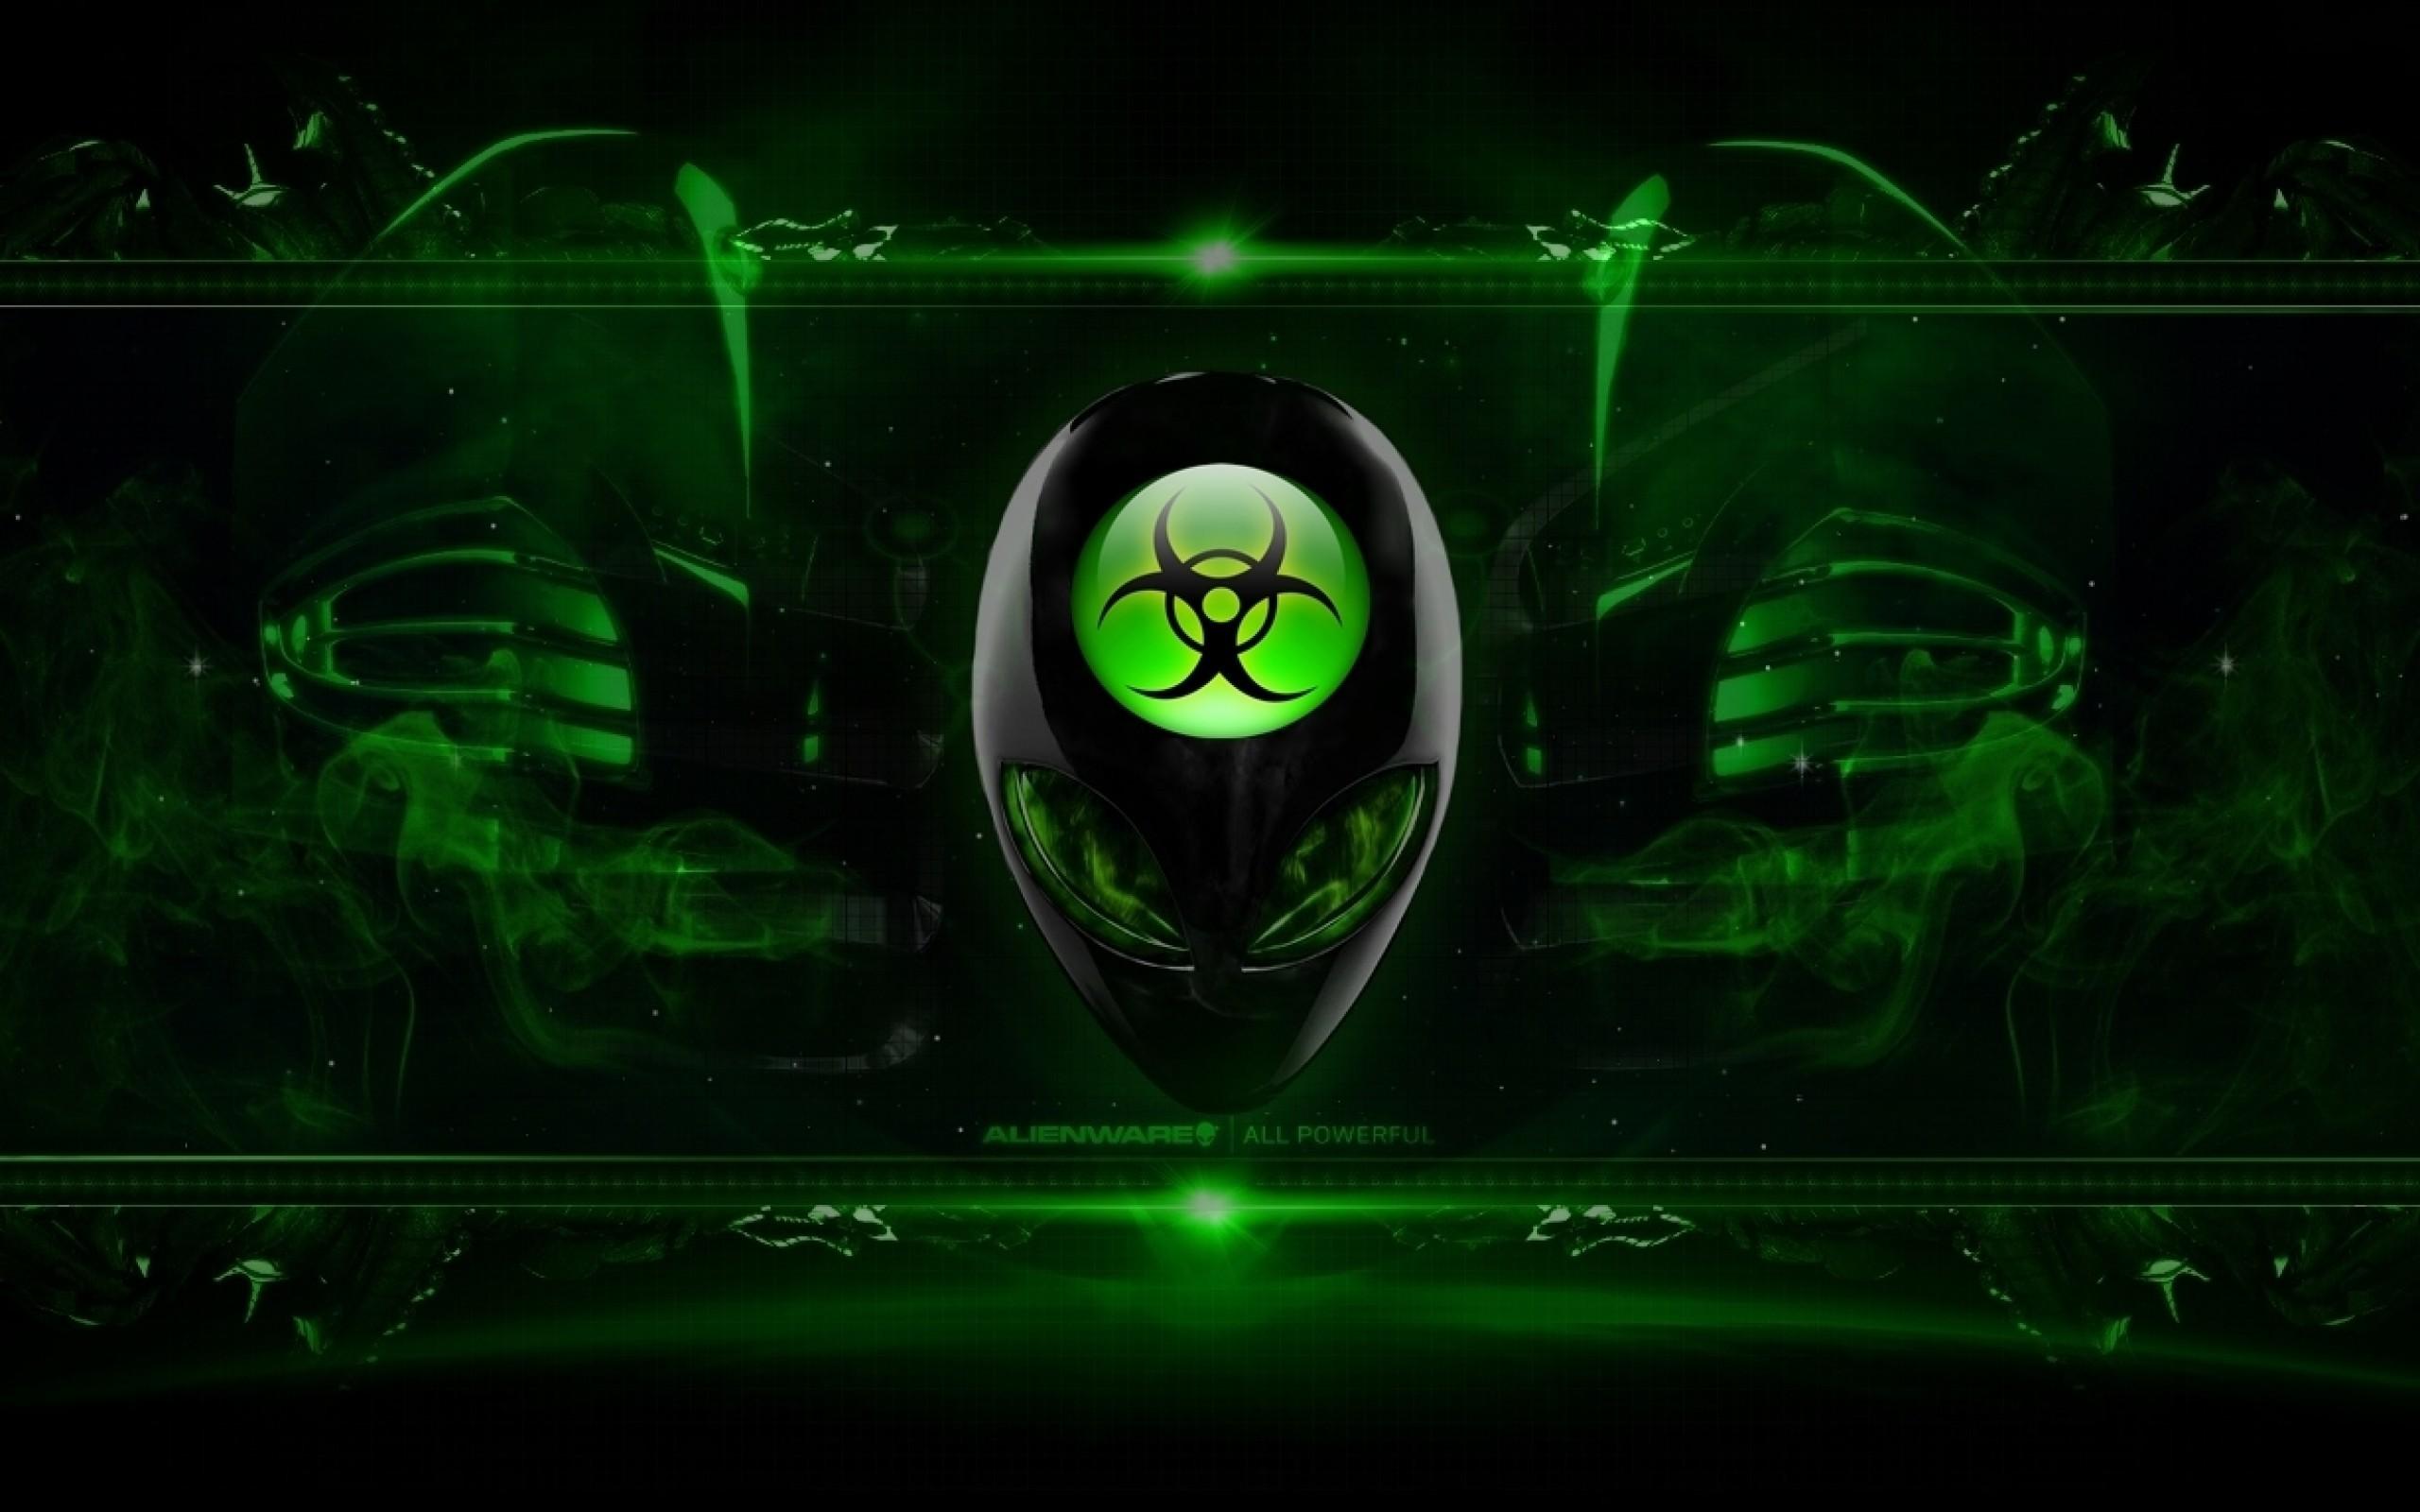 Alienware Desktop Background Radioactive Green 2560×1600